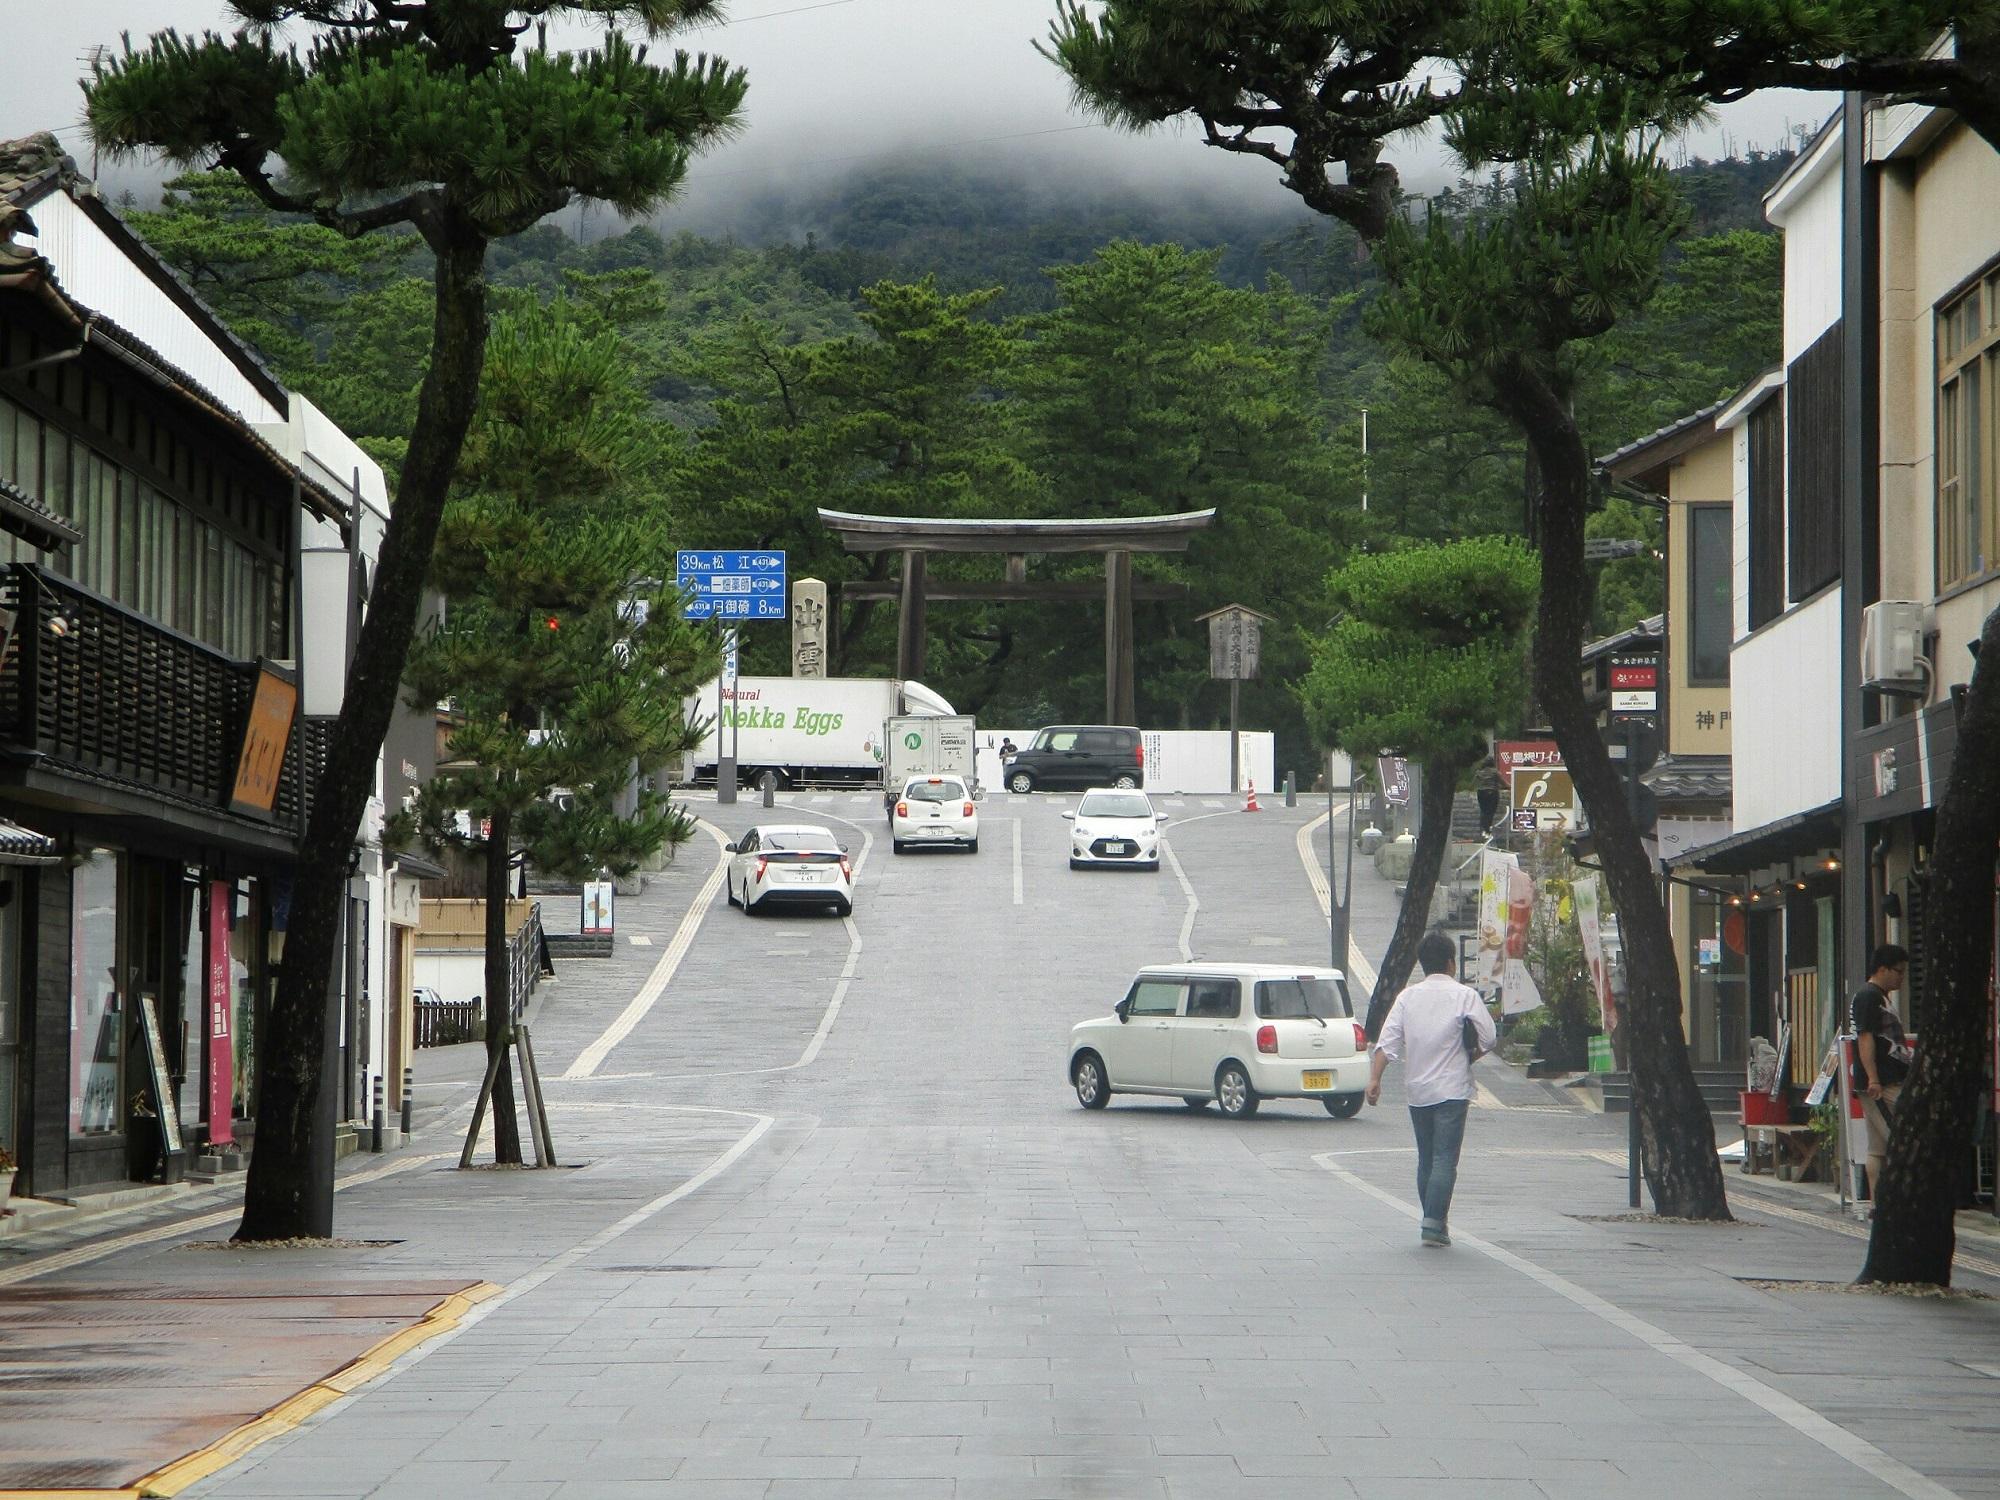 2018.7.6 (82) 出雲大社 - 勢溜(せいだまり)のとりい 2000-1500